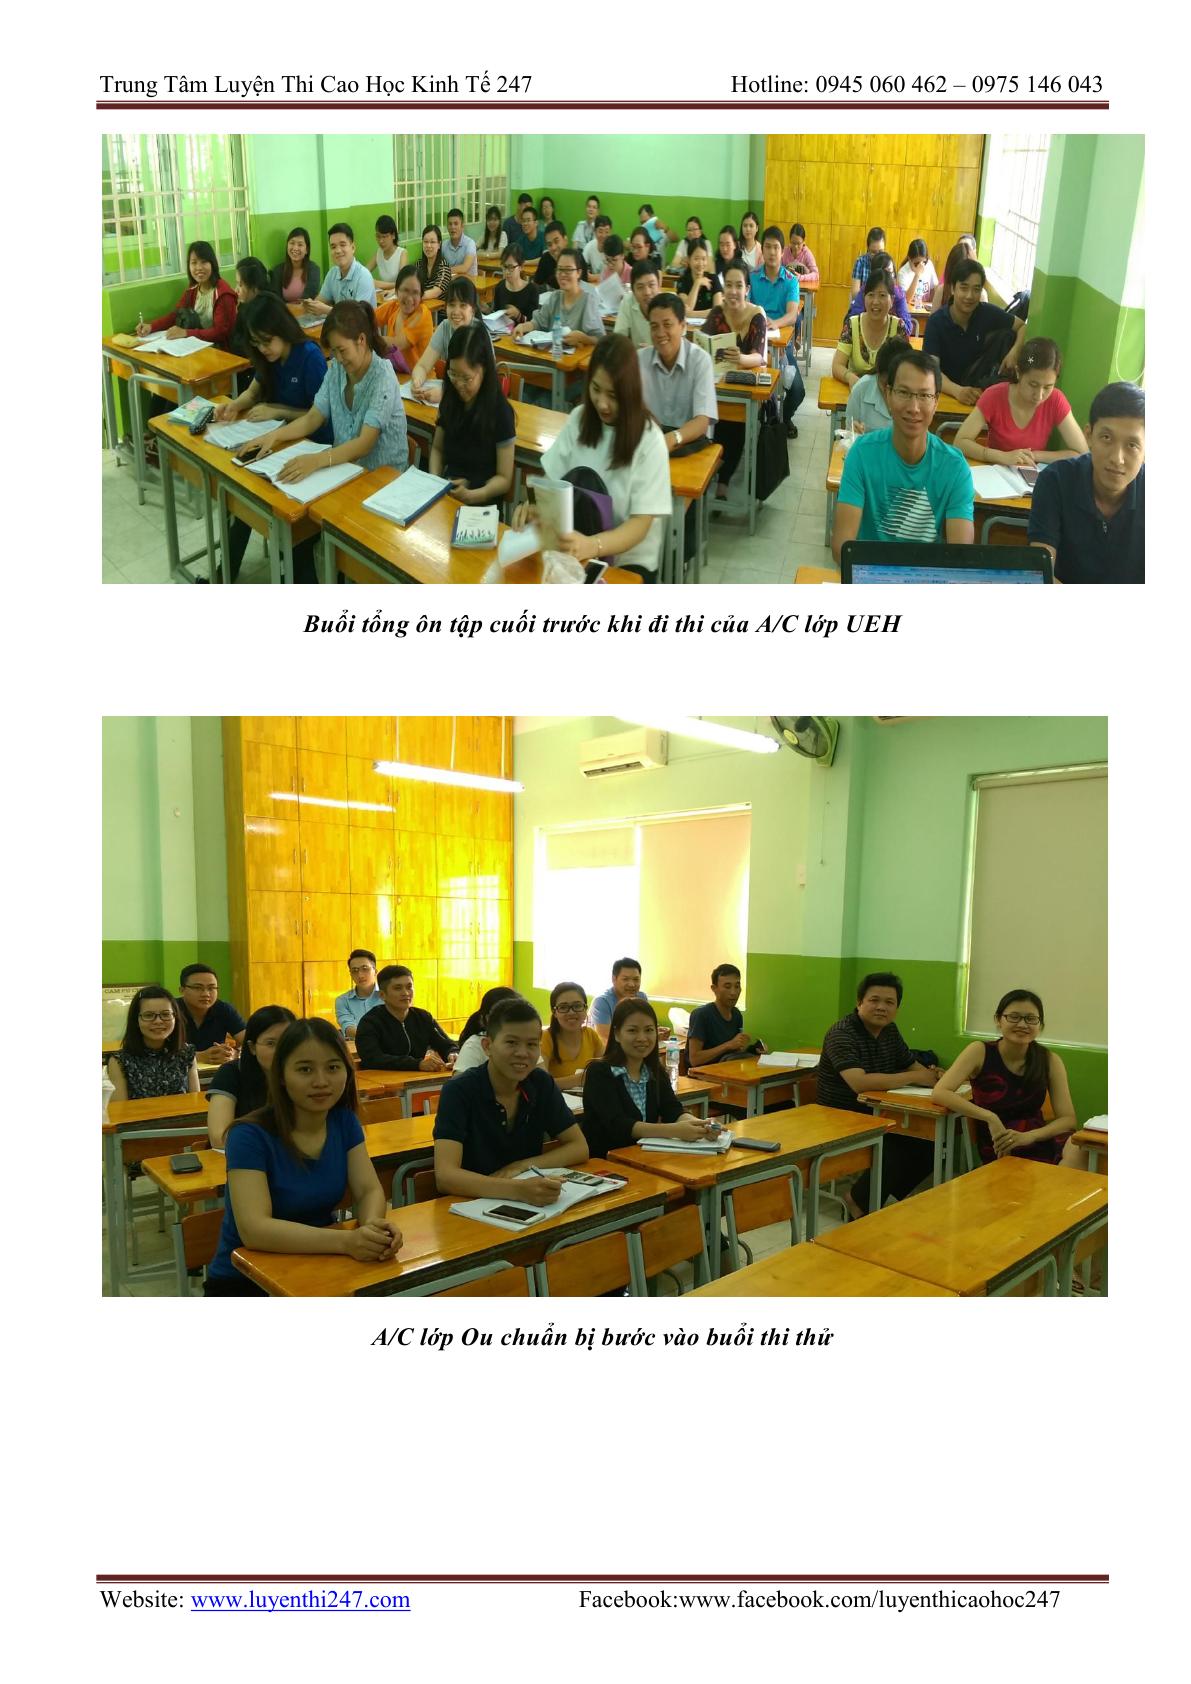 Lịch thi và môn thi tuyển sinh cao học kinh tế của các trường UEL, OU, UEH, UFM, SGU, TĐT…2019